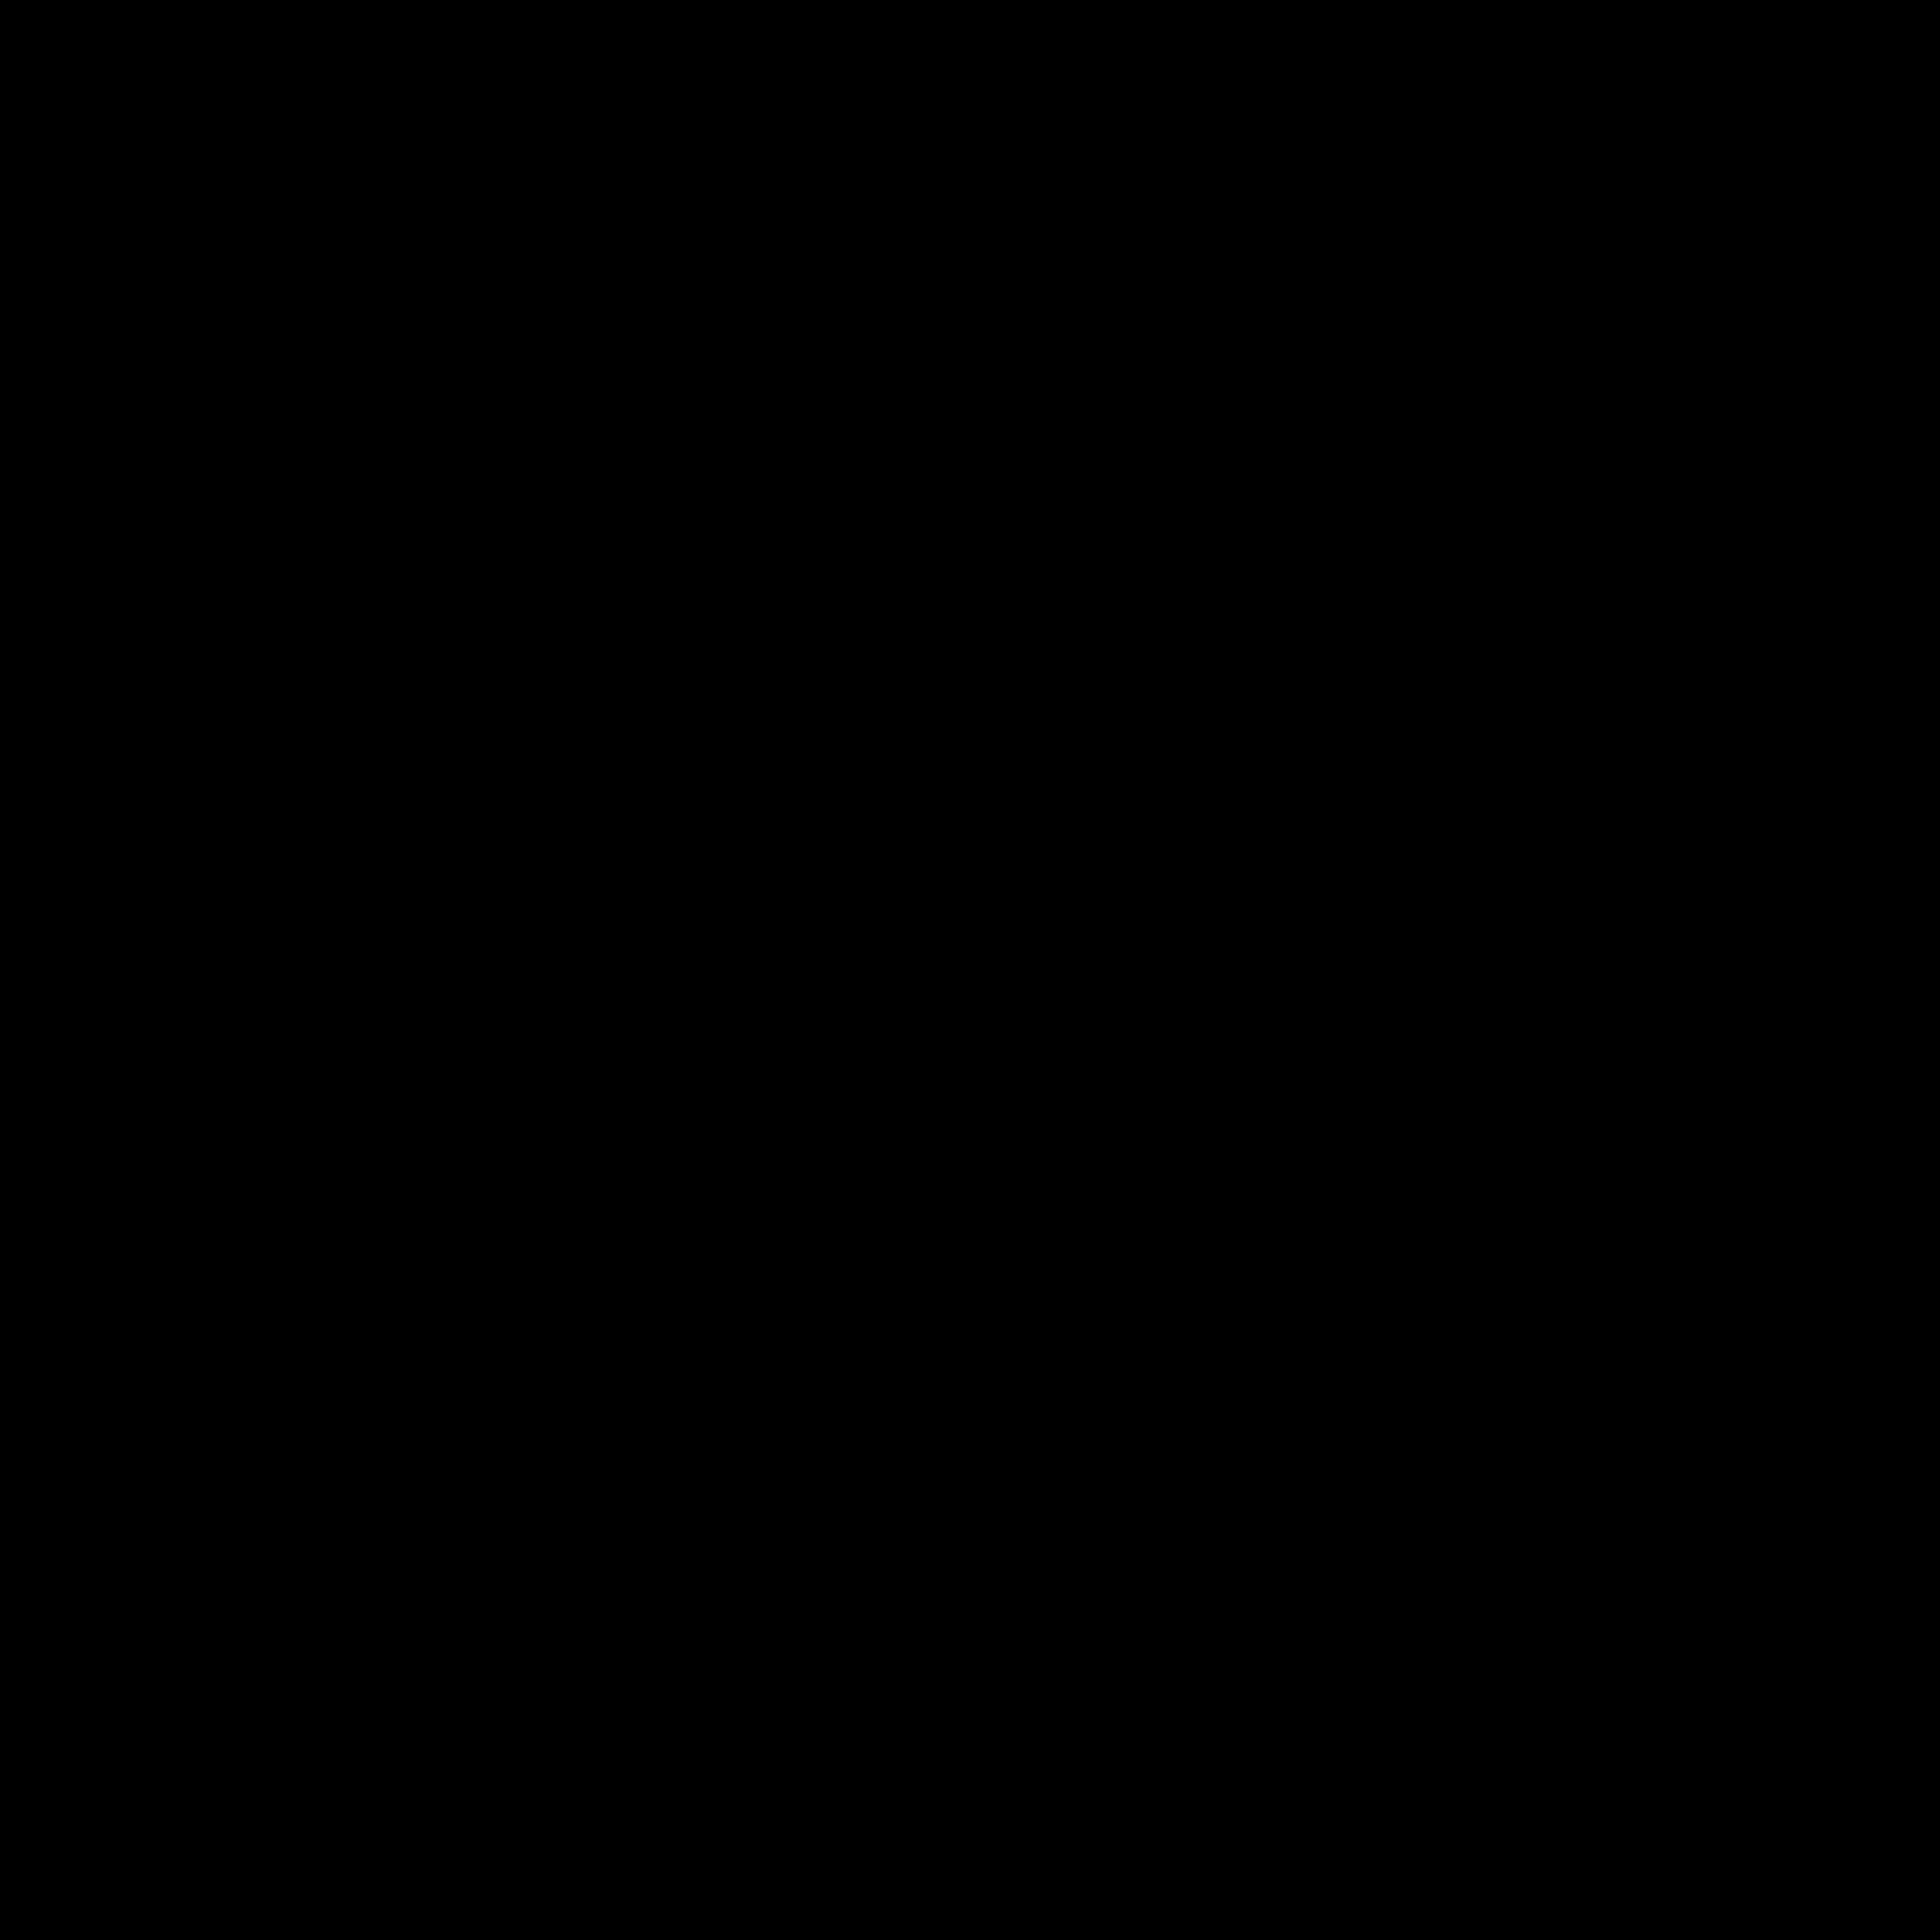 ppt litt u00e9raire de fond jaune p u00e2le de fond litt u00e9raire fleur